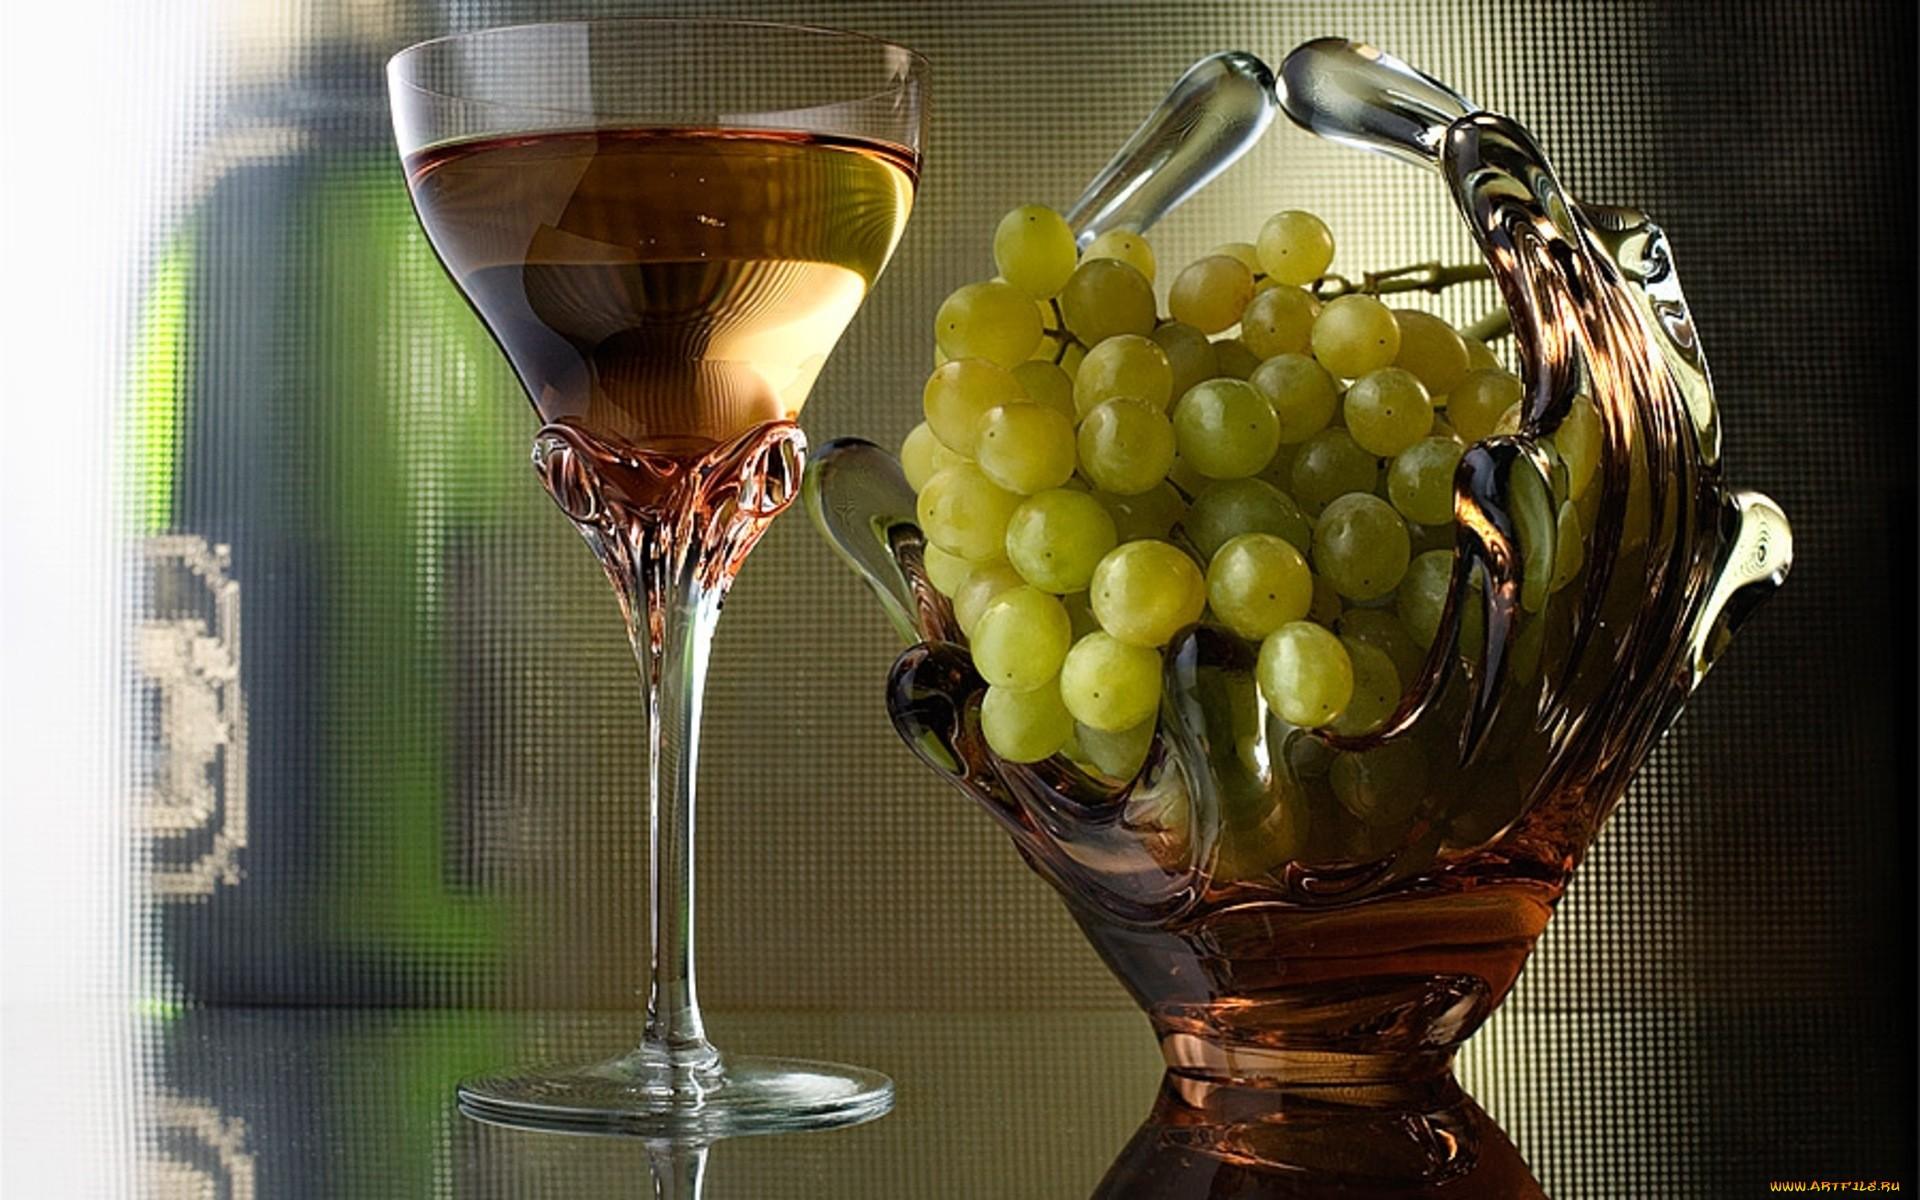 удары кулаком виноград на столе в вазе фото лобачевский квартиры